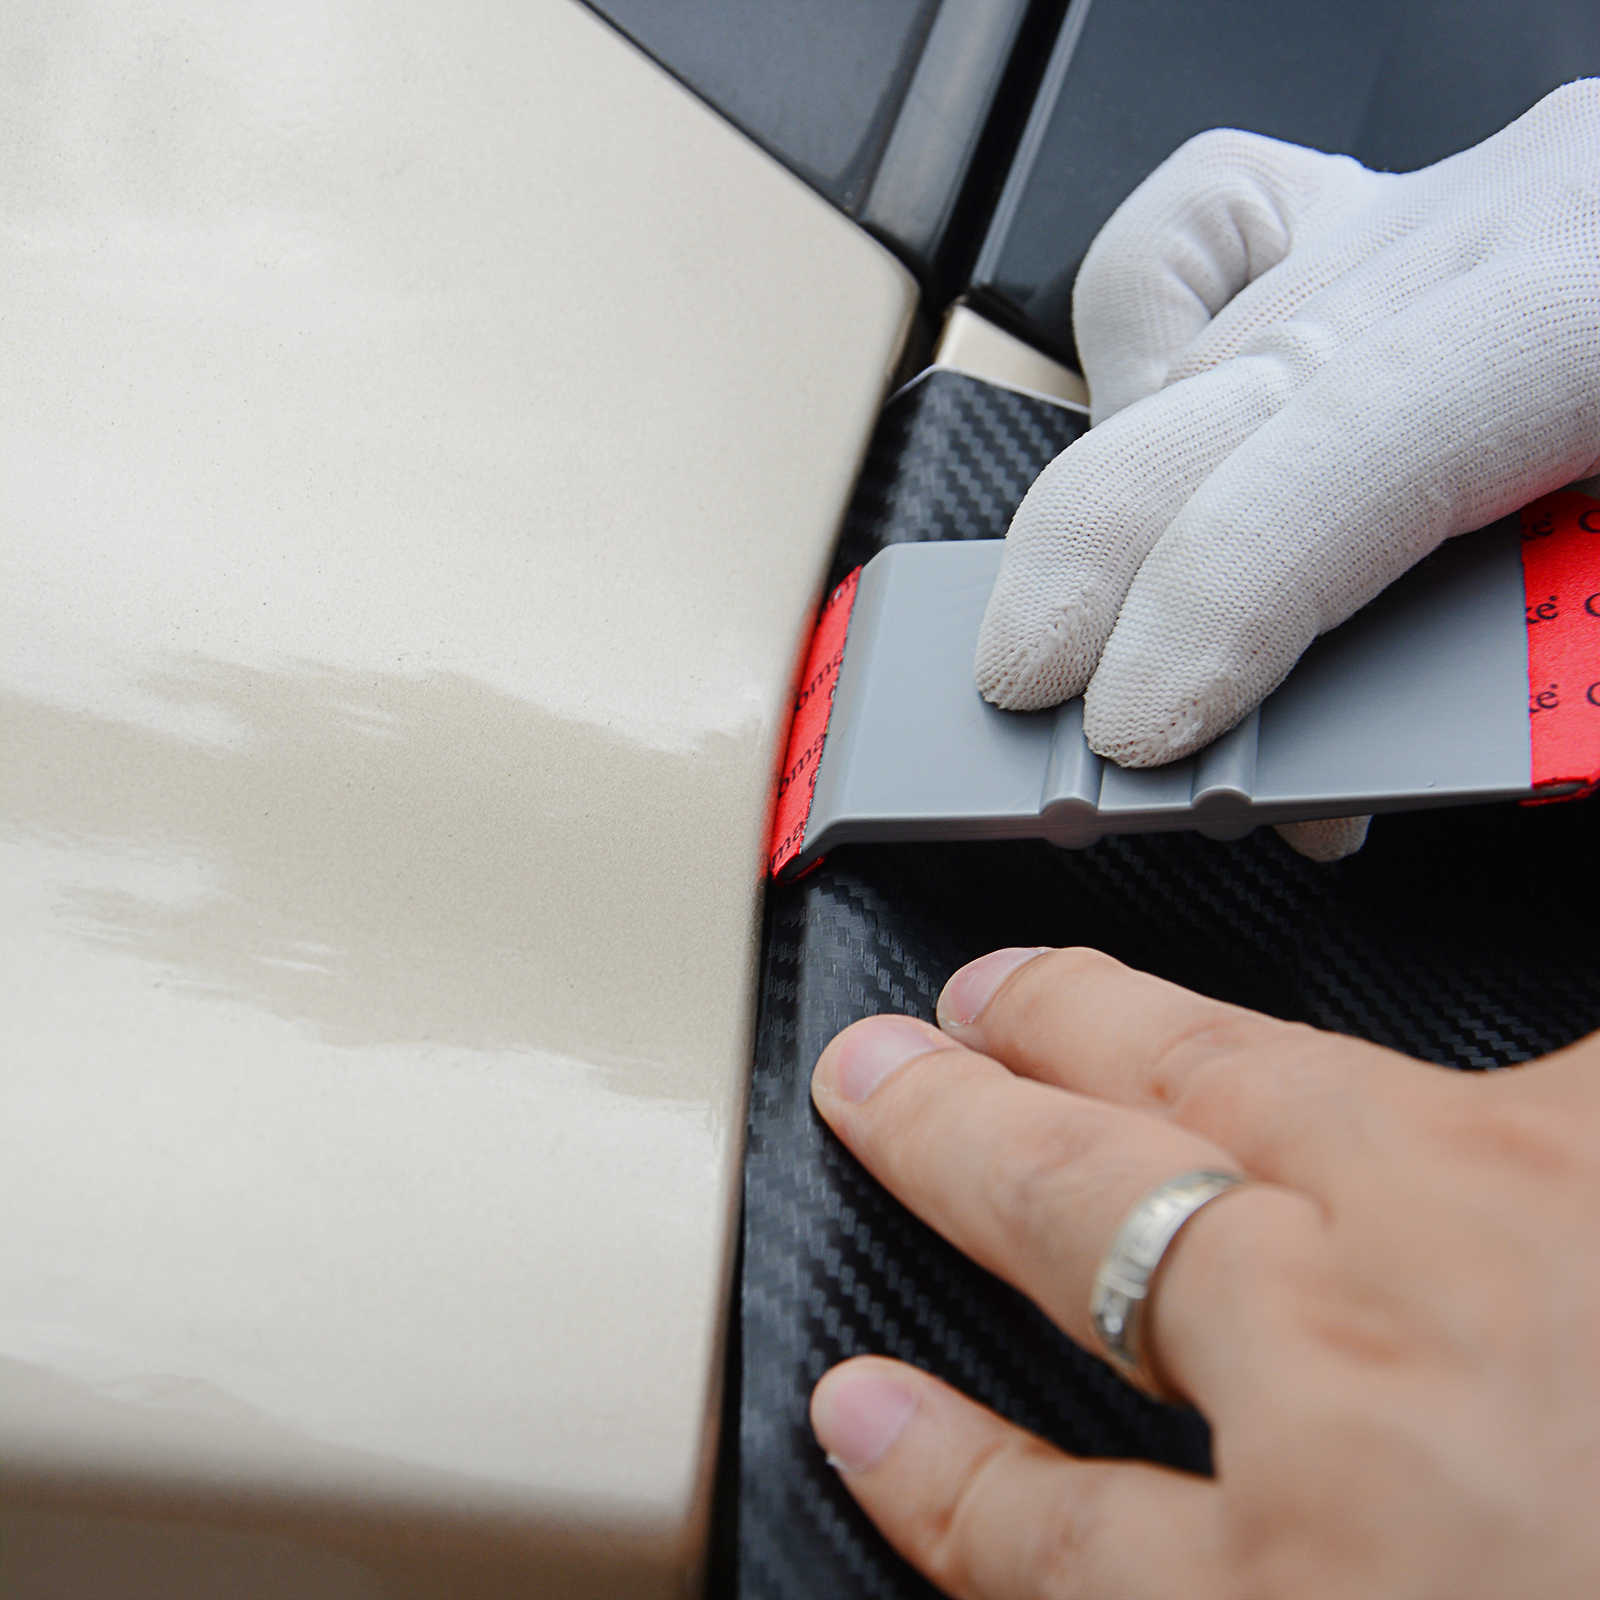 Foshio vinil envoltório do carro adesivo magnético vara rodo raspador ferramentas kit filme da folha de fibra carbono carro auto embrulho acessórios